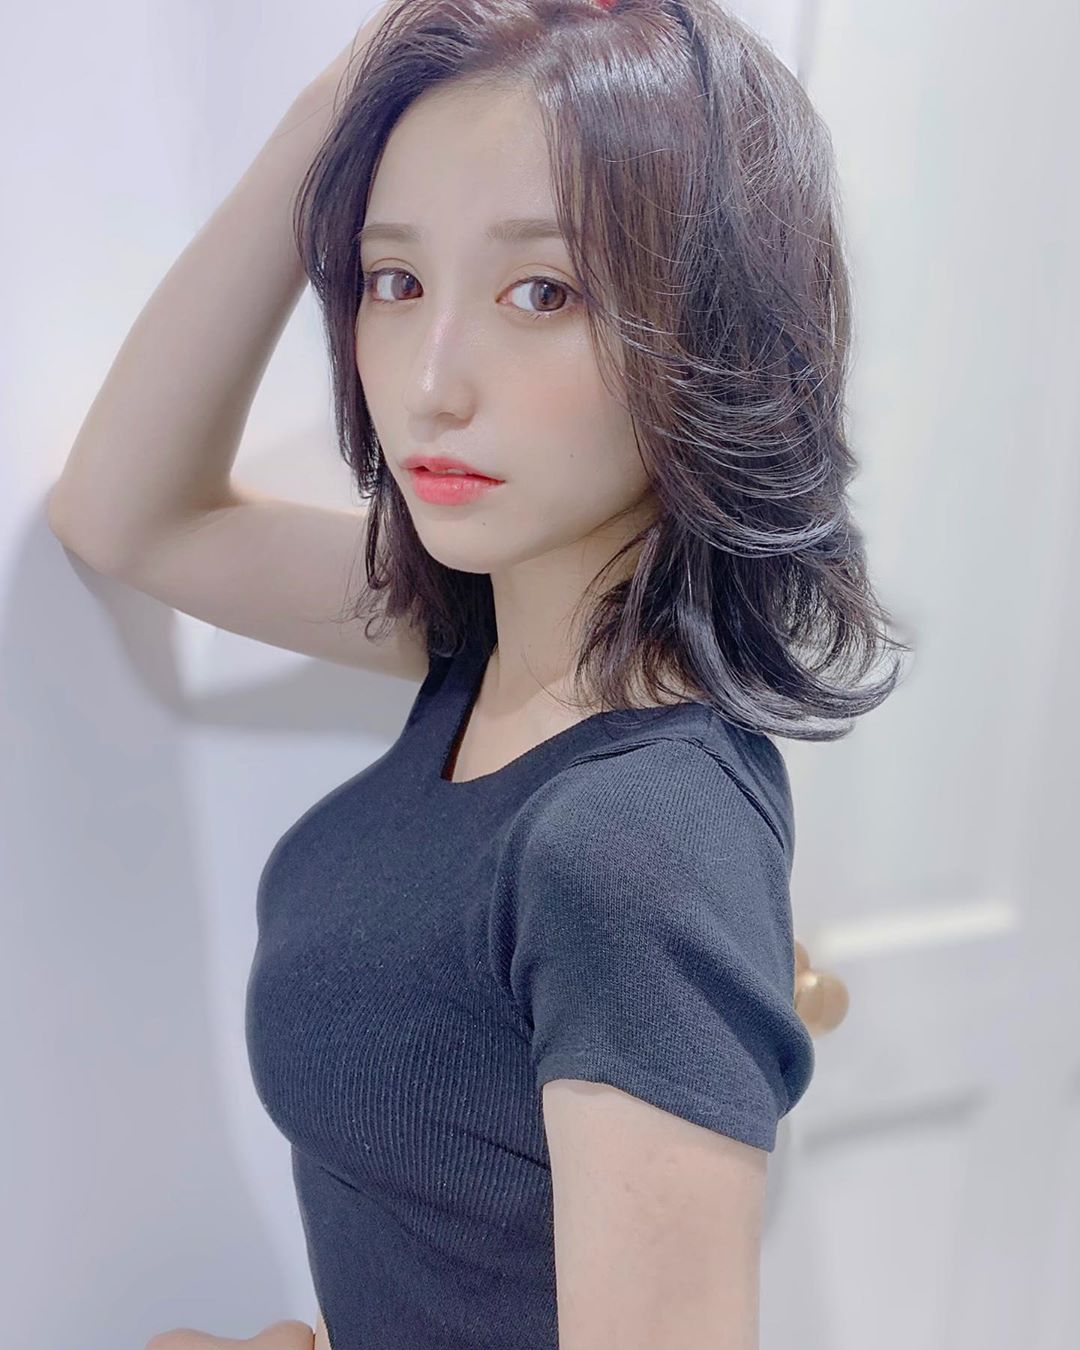 eH4g0bfX o - IG正妹—伊藤愛真